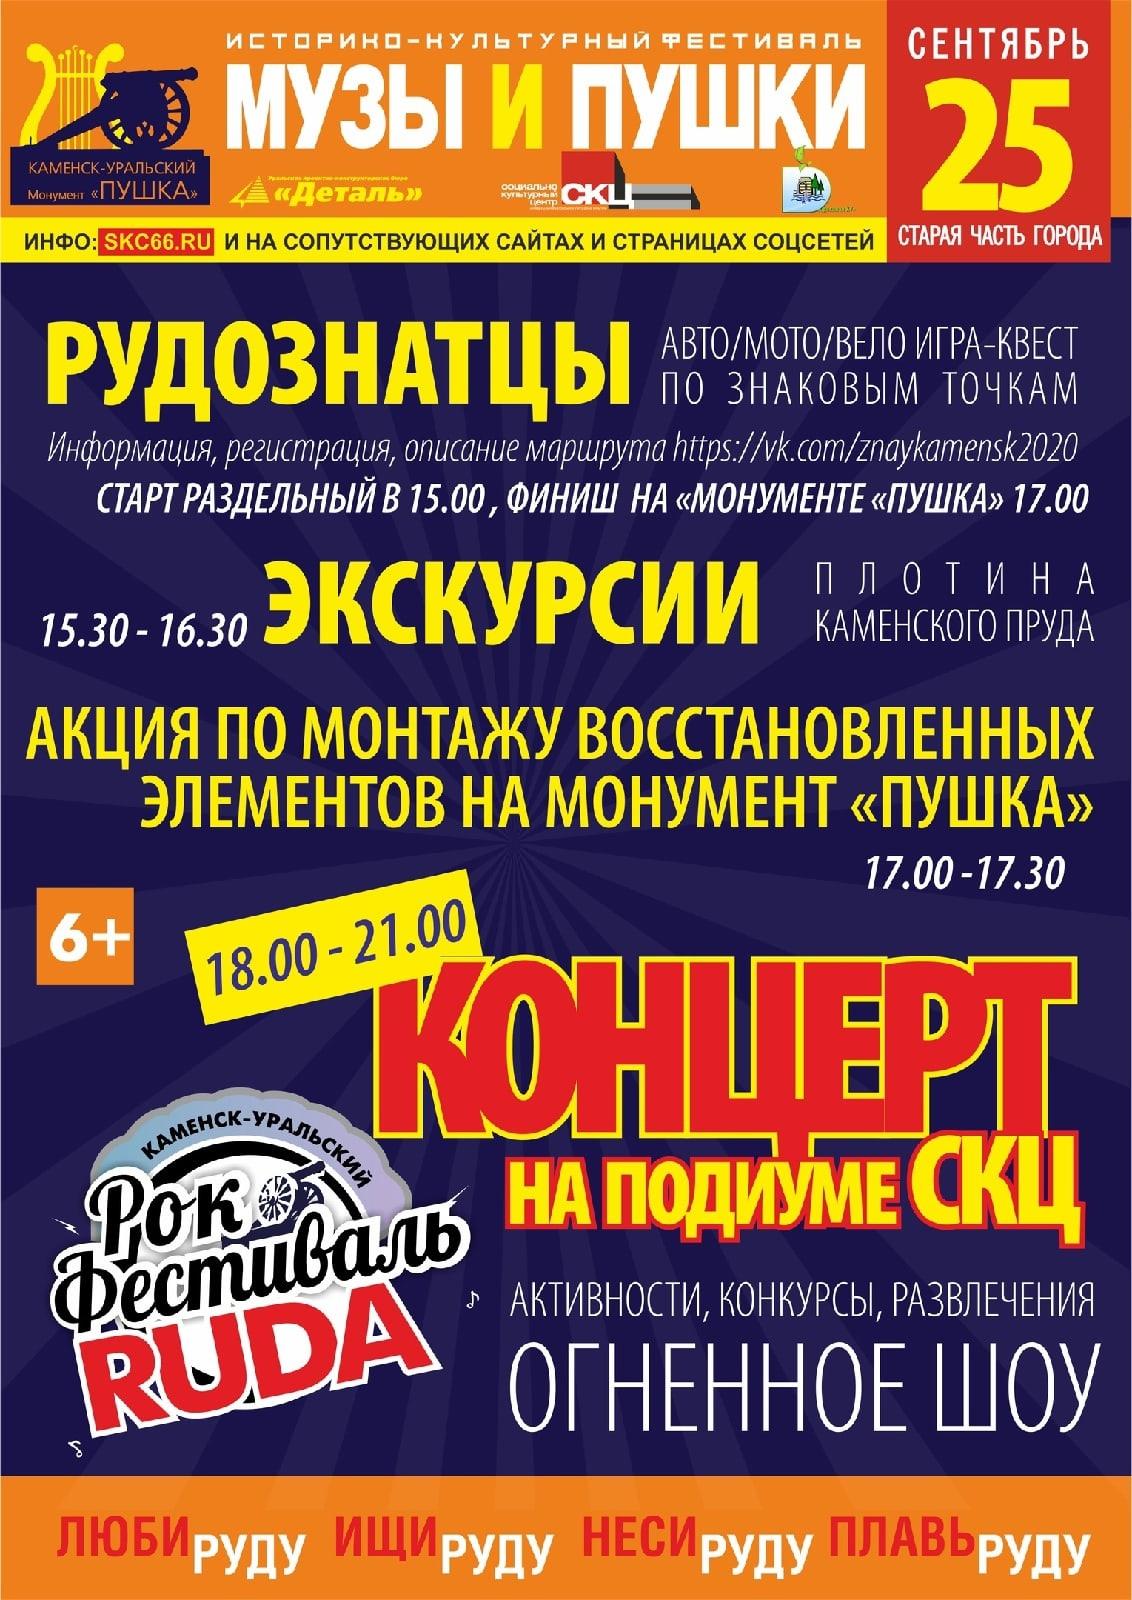 """Фестиваль """"Музы и Пушки"""" и рок-фестиваль """"RUDA"""" пройдет в Каменске-Уральском 25 сентября"""